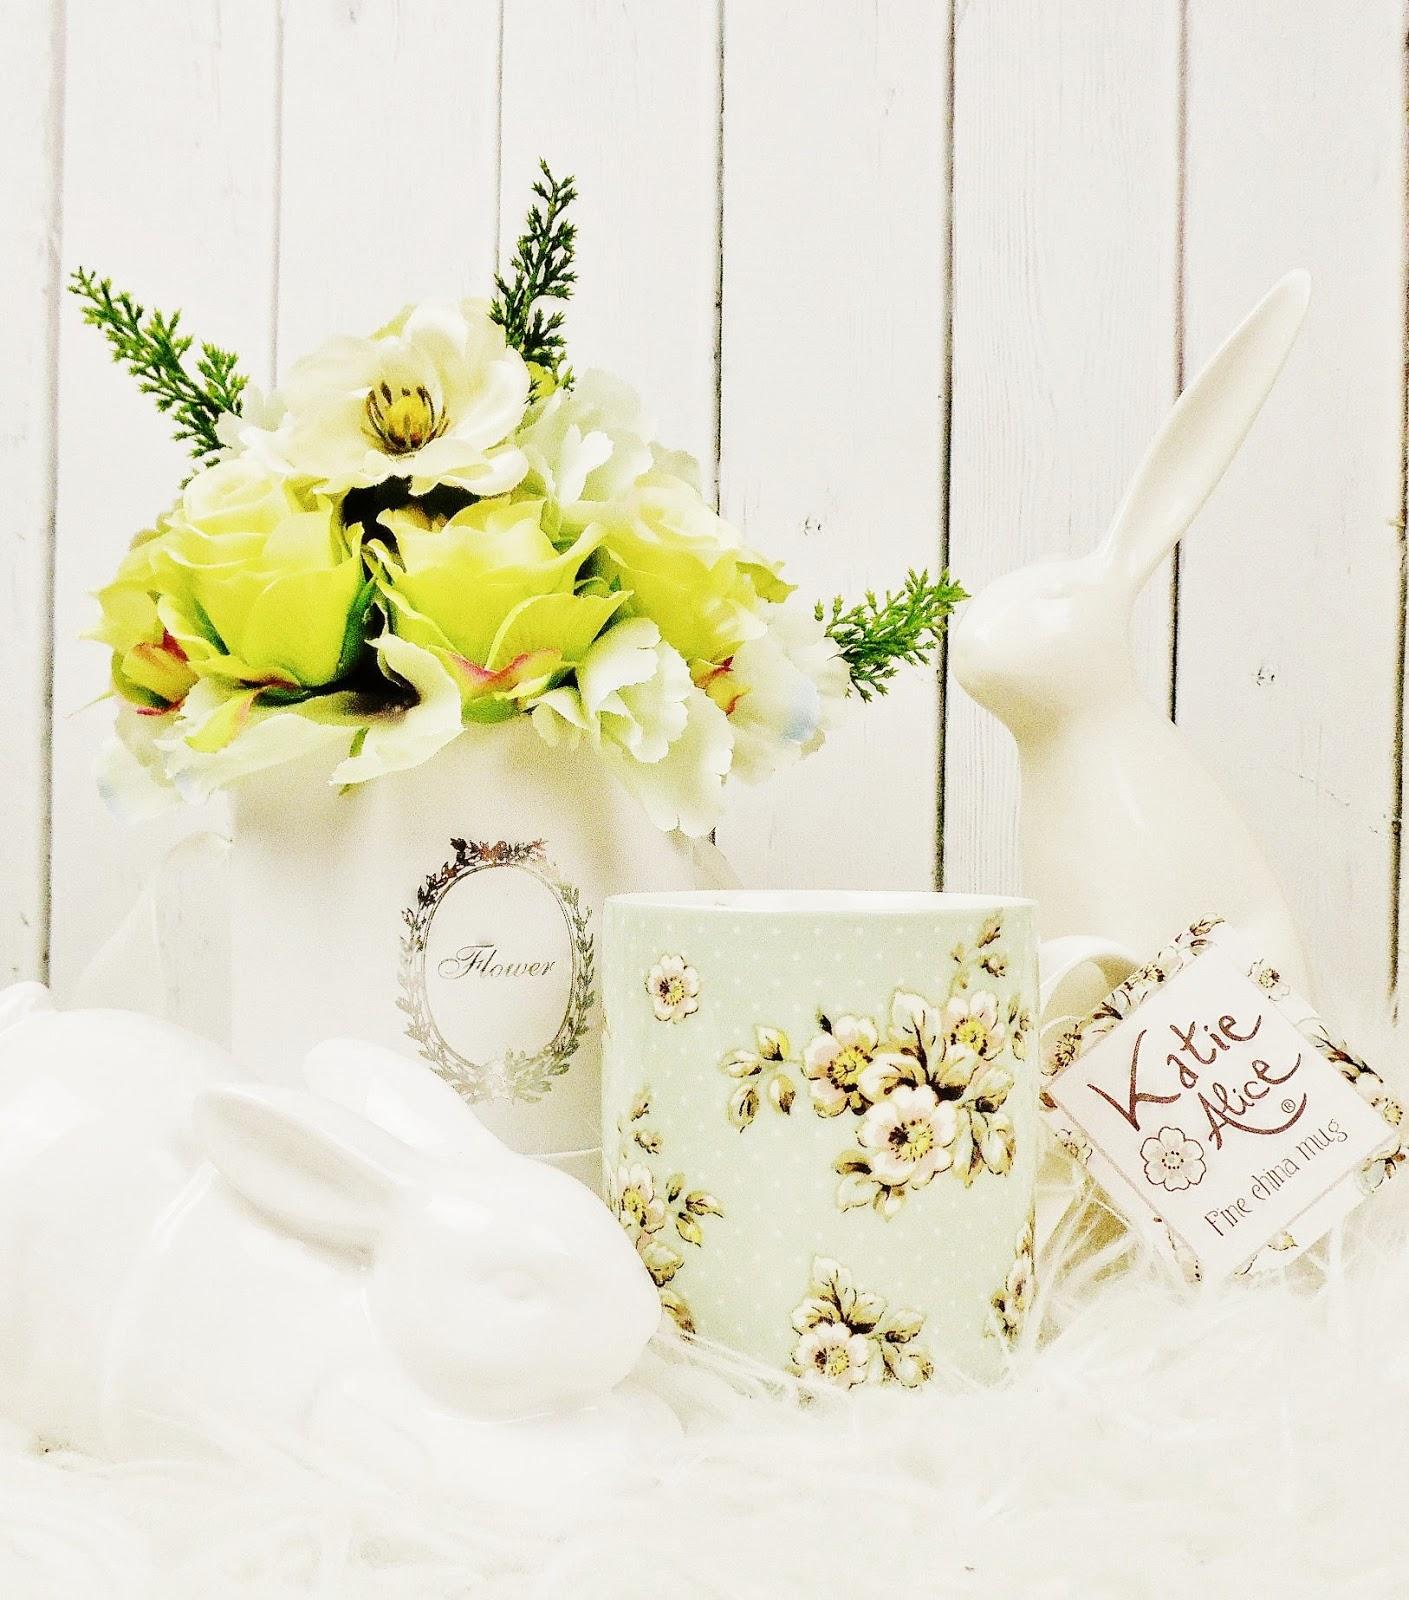 kubek Katie Alice zając wielkanoc wiosenne inspiracje flowerbox